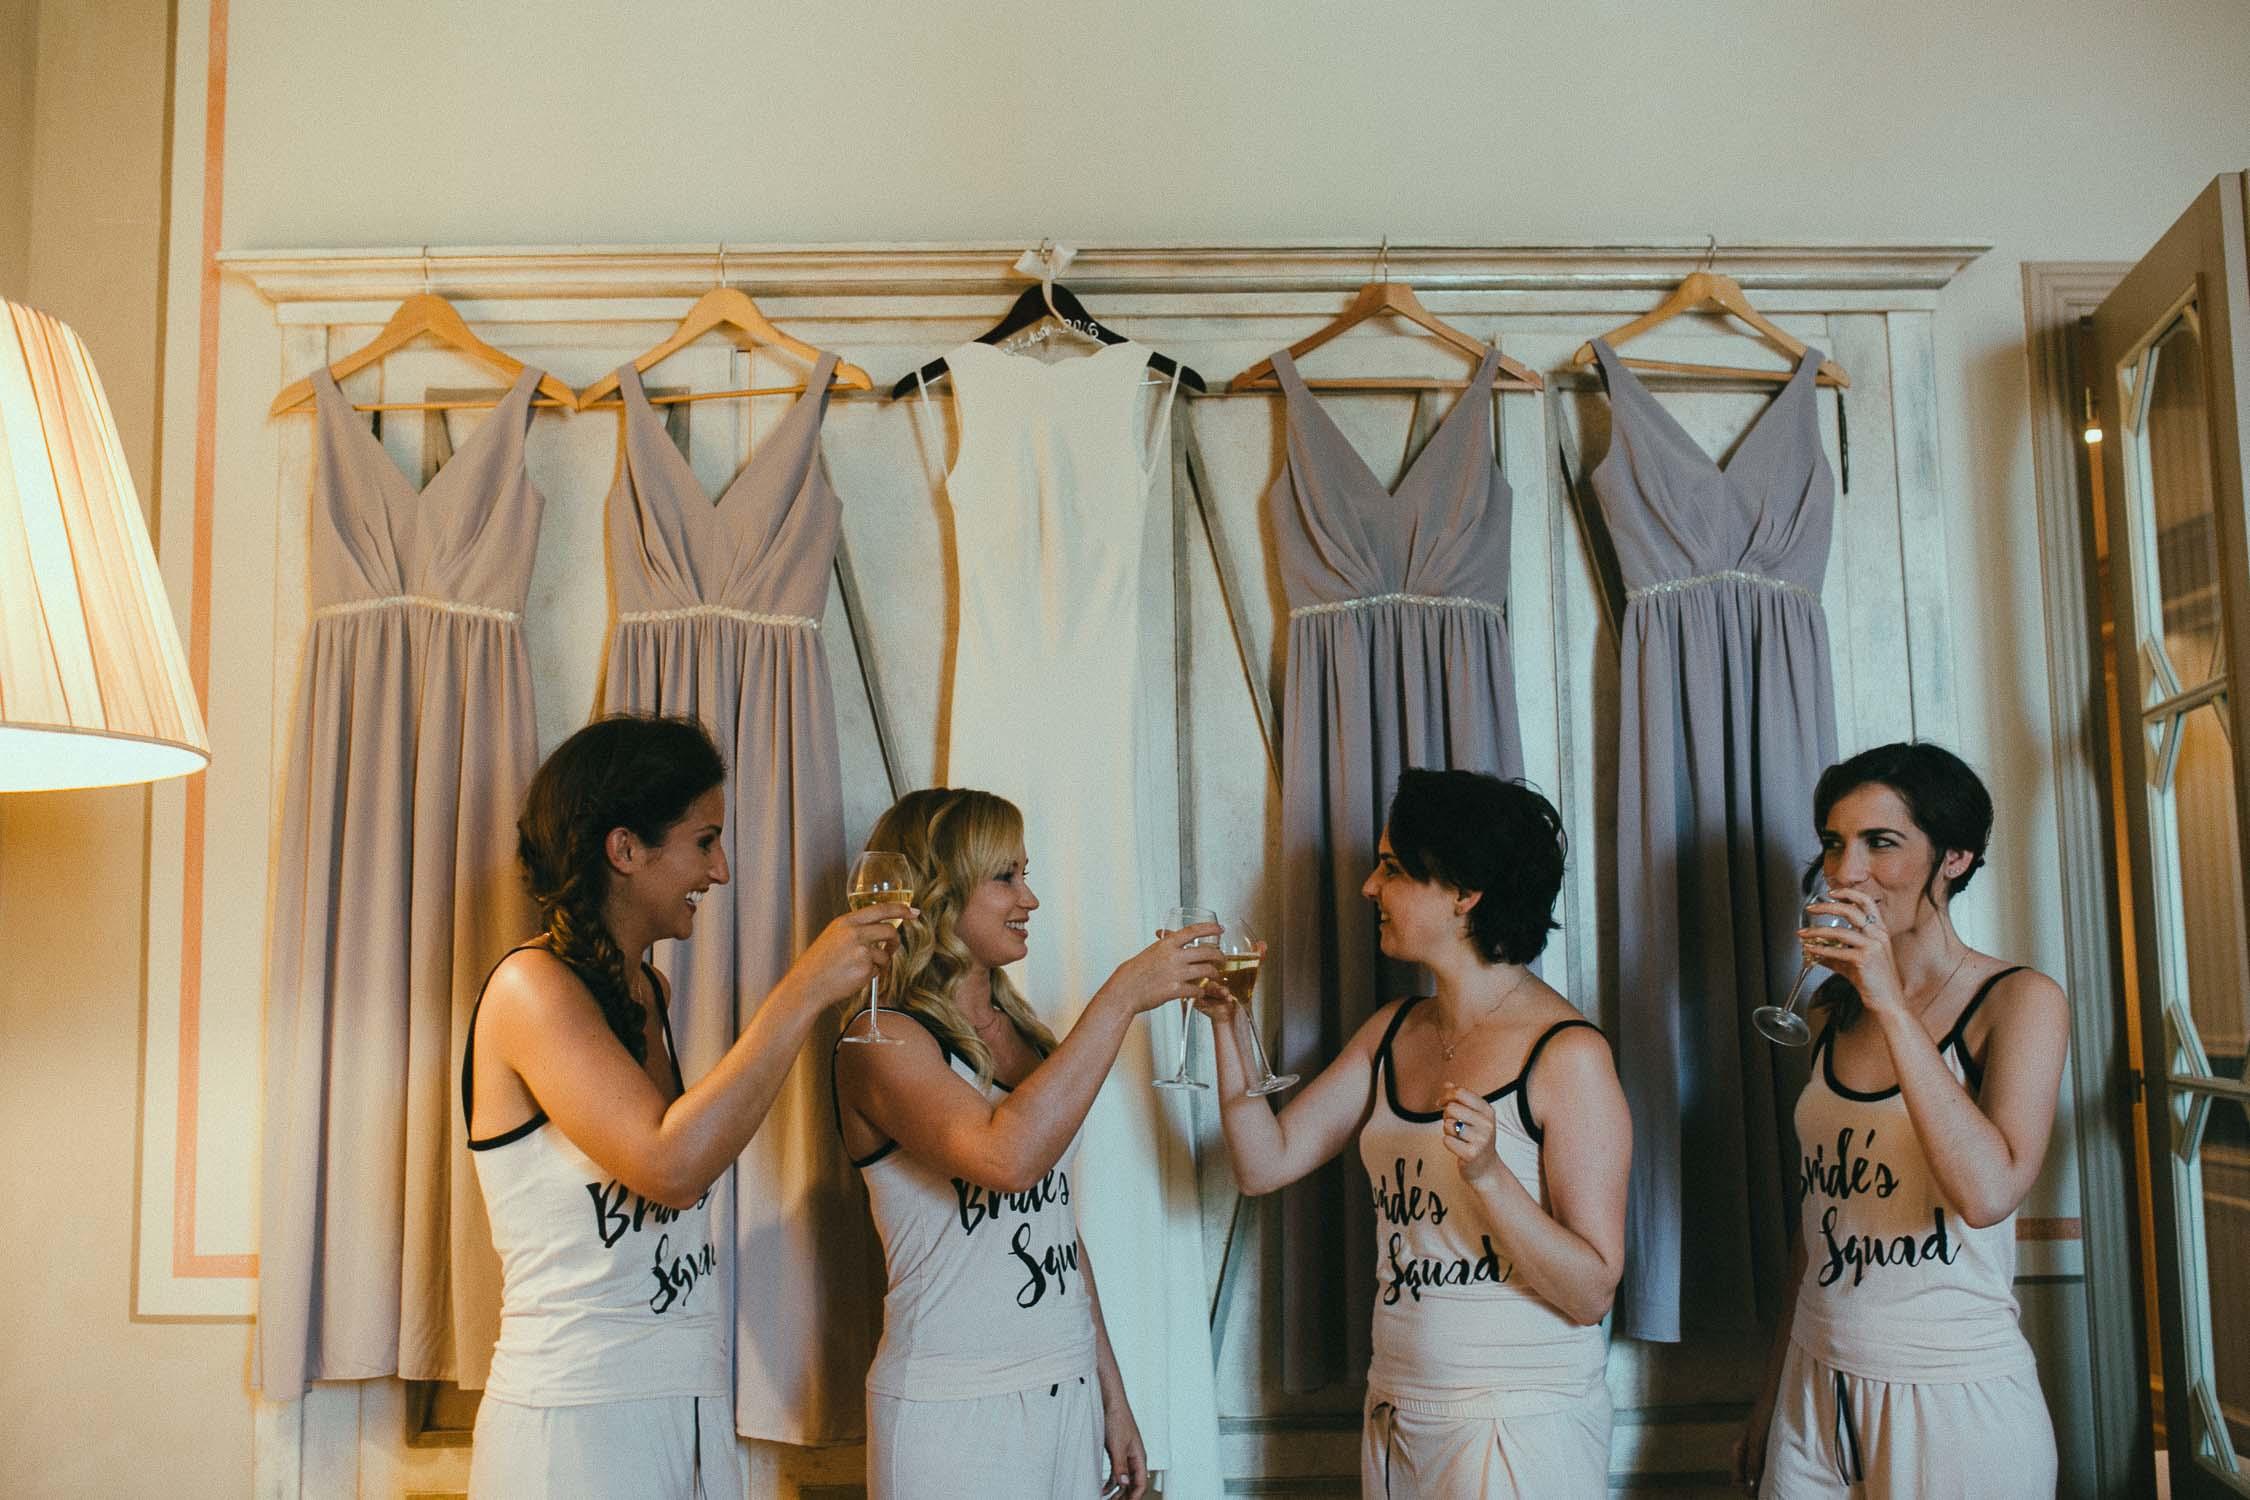 destiantion-wedding-in-tuscany-getting-ready (27).jpg